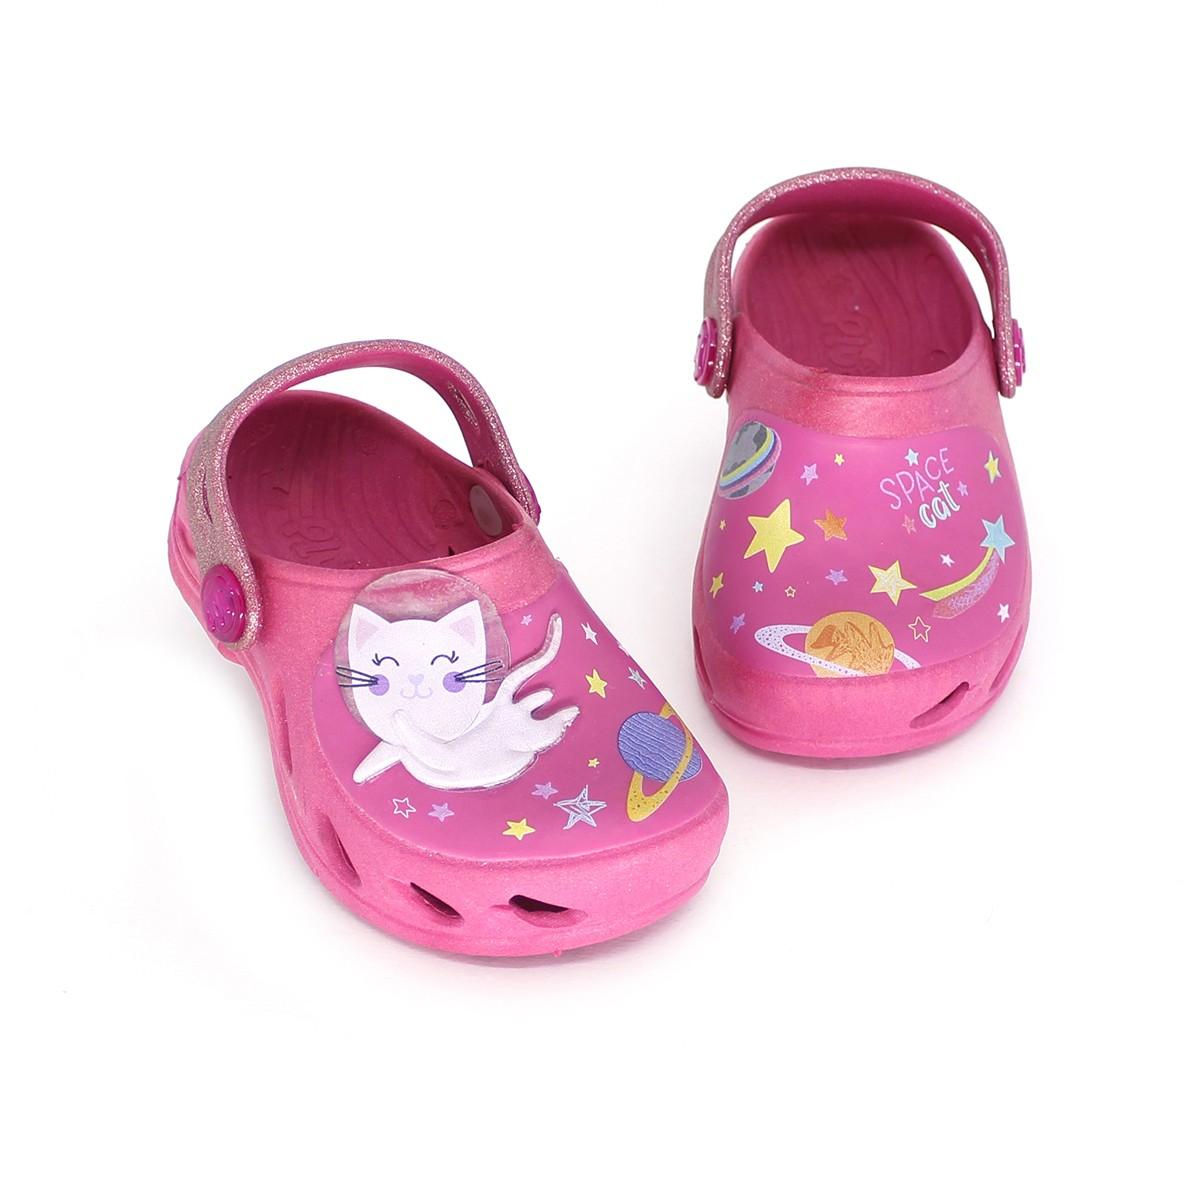 Babuche Plugt Ventor Baby Espacial Pink